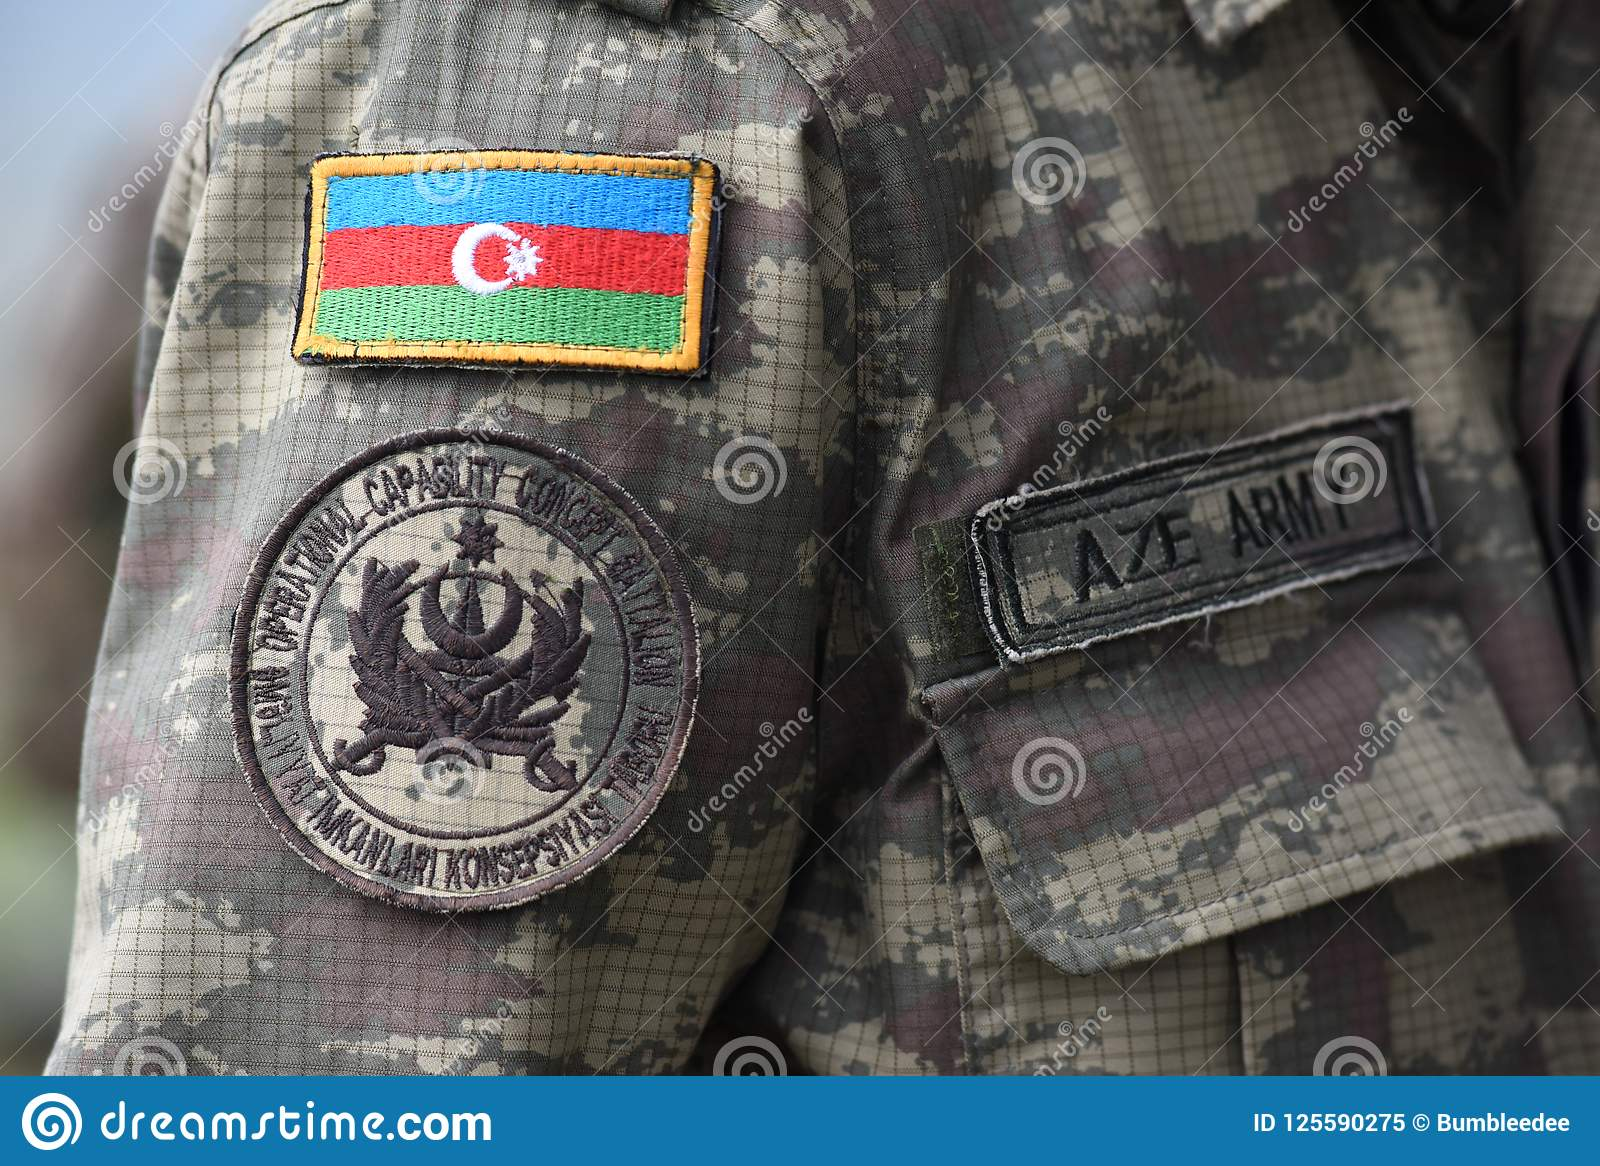 azerbaijan-patch-flag-military-uniform-army-azer-azerbaijani-troops-125590275.jpg